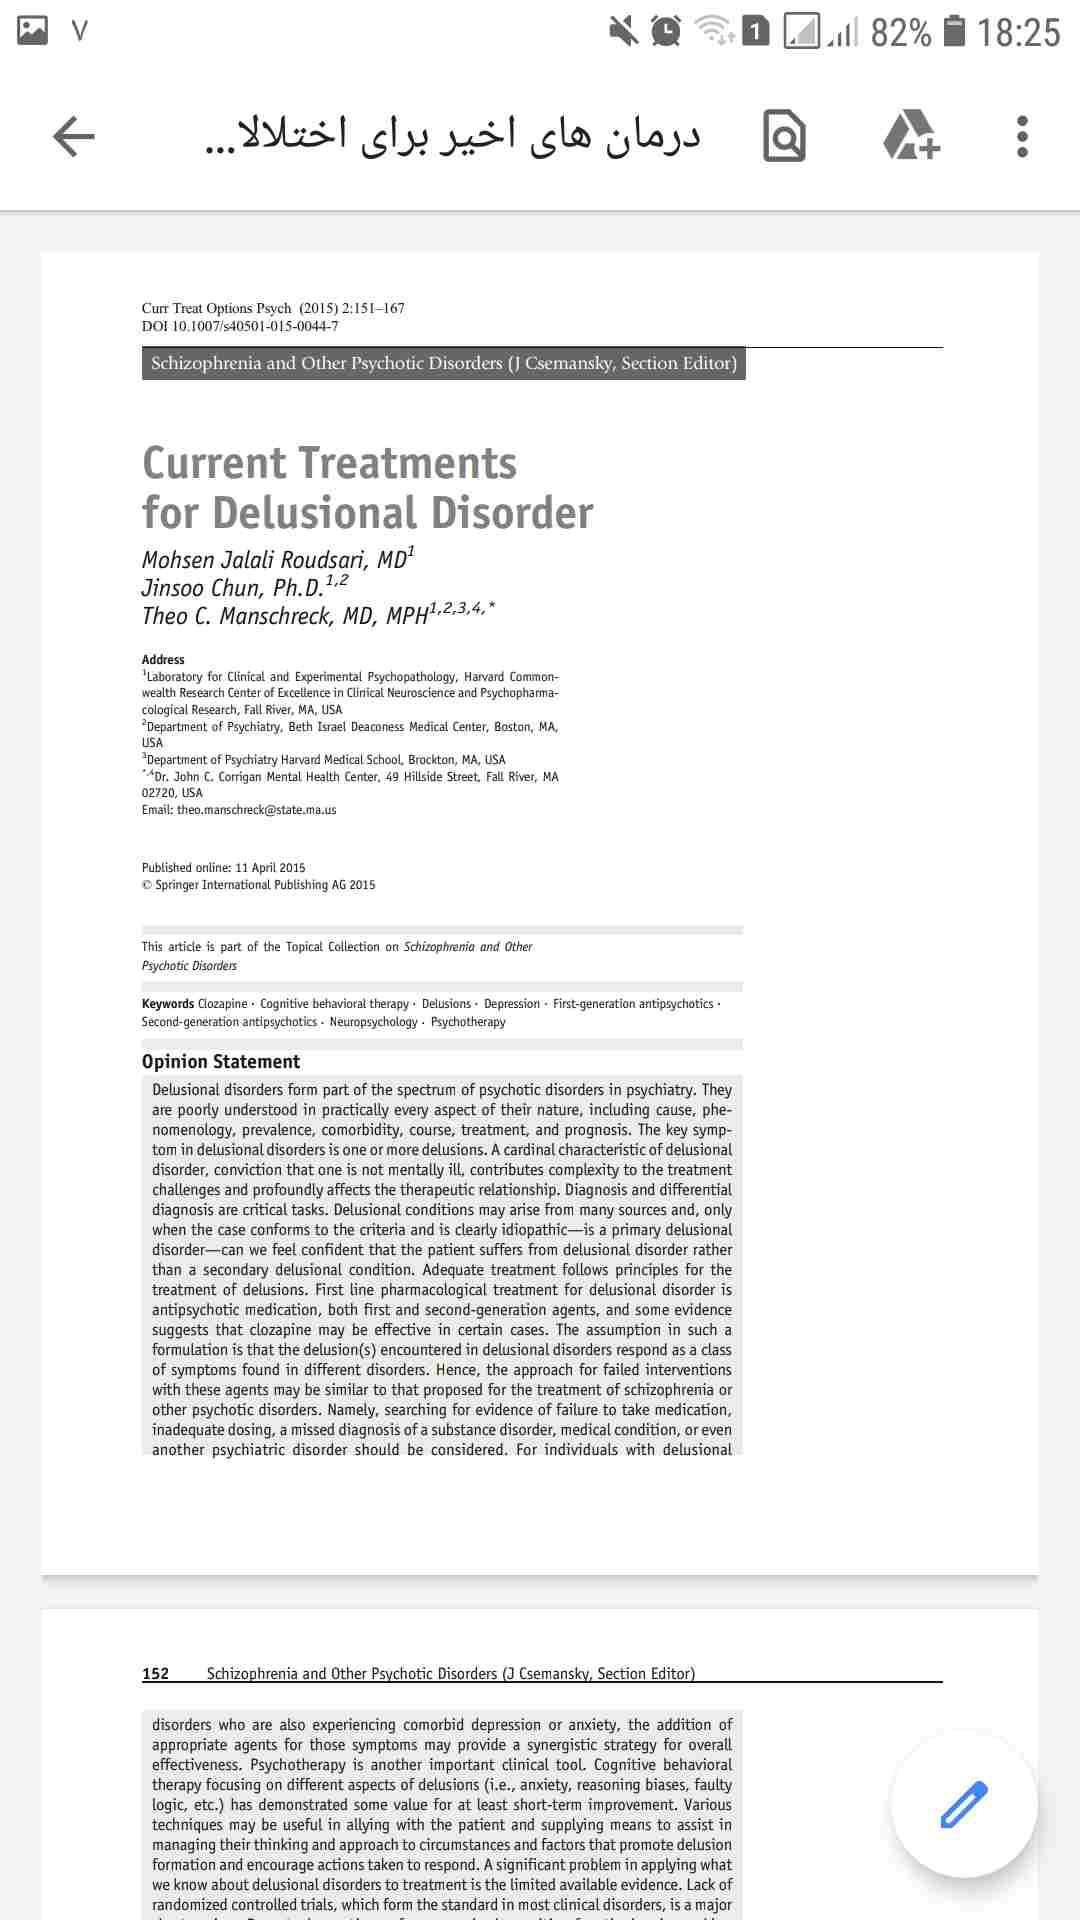 مقاله و ترجمه آن برای آخرین درمان اختلال هذیانی